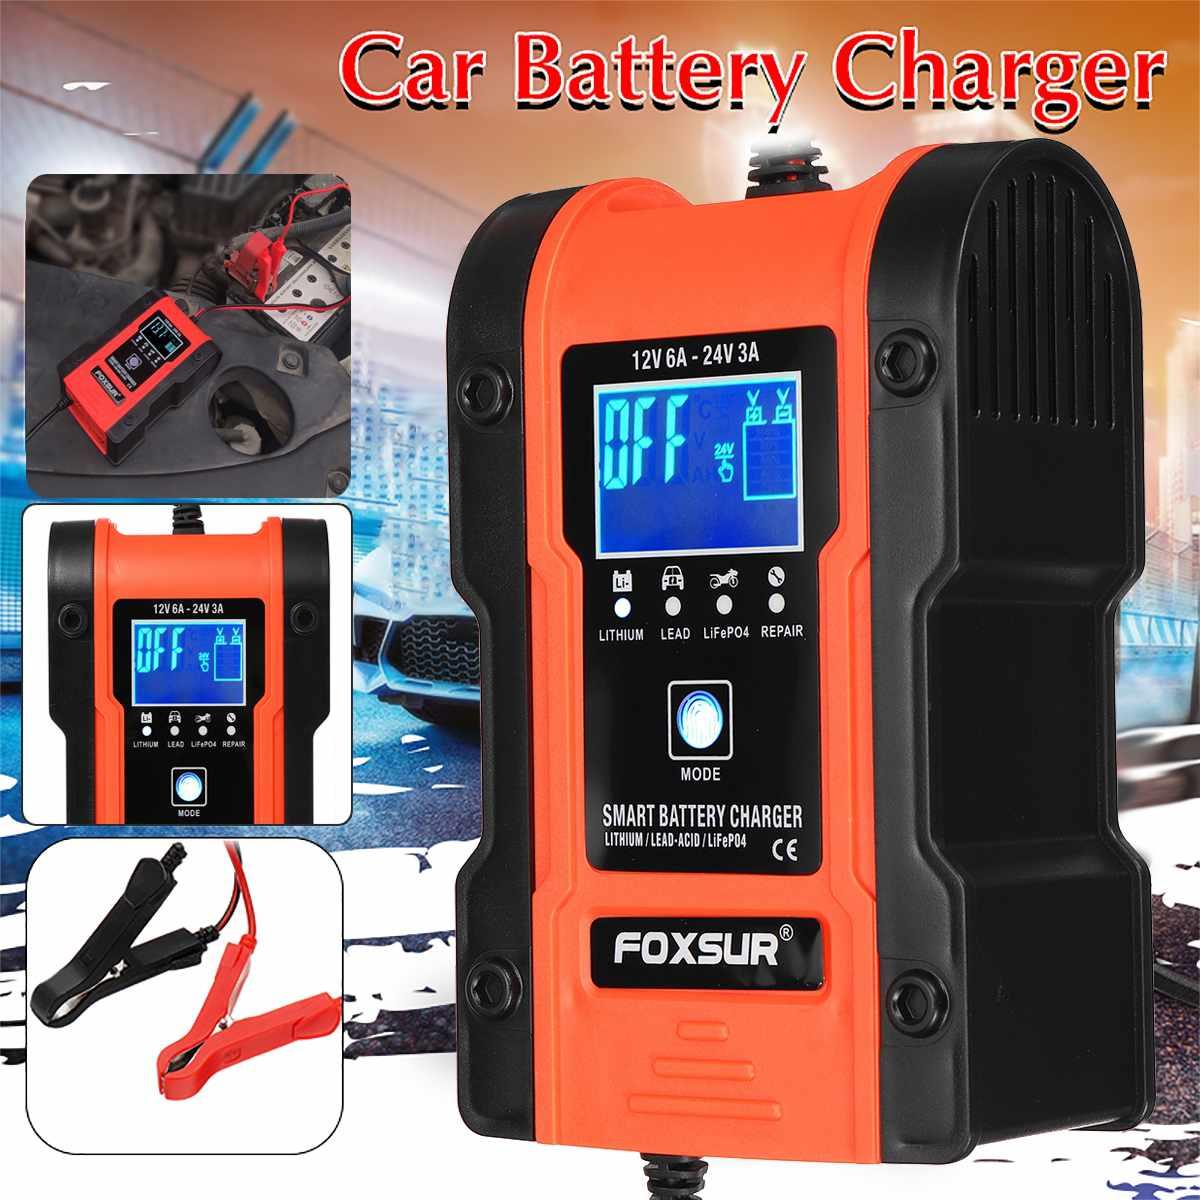 24V/12V ЖК-дисплей автомобиля Зарядное устройство 7-этап автоматический зарядки Портативный аварийного стартера Booster пусковое устройство